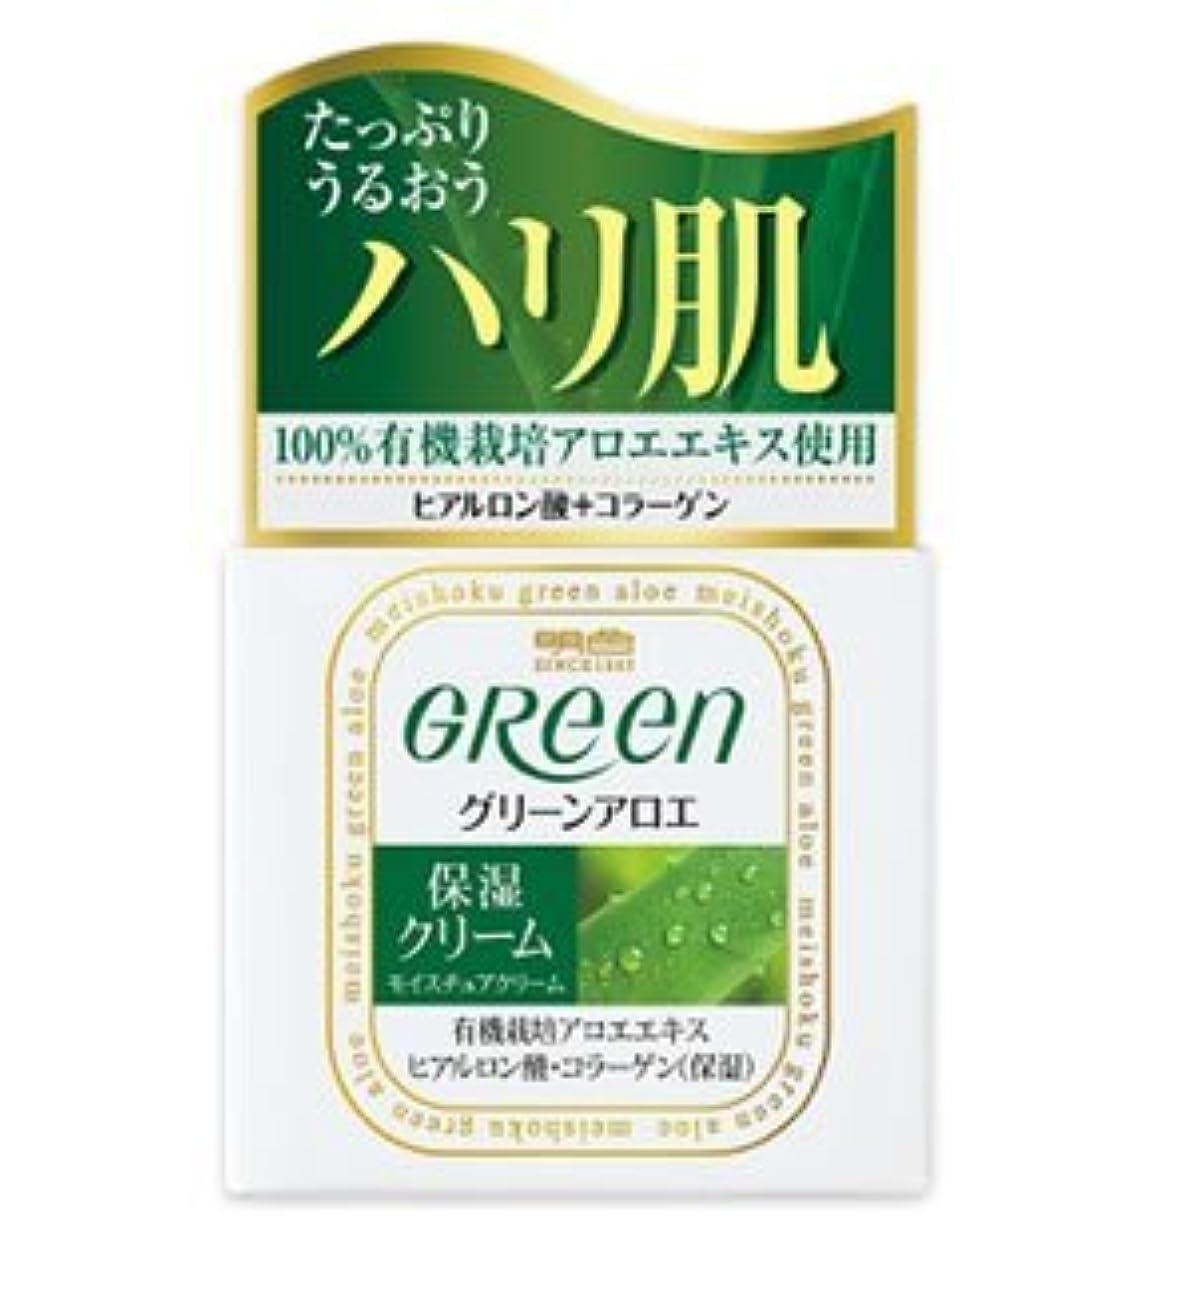 つかいます野ウサギしばしば(明色)グリーン モイスチュアクリーム 48g(お買い得3個セット)